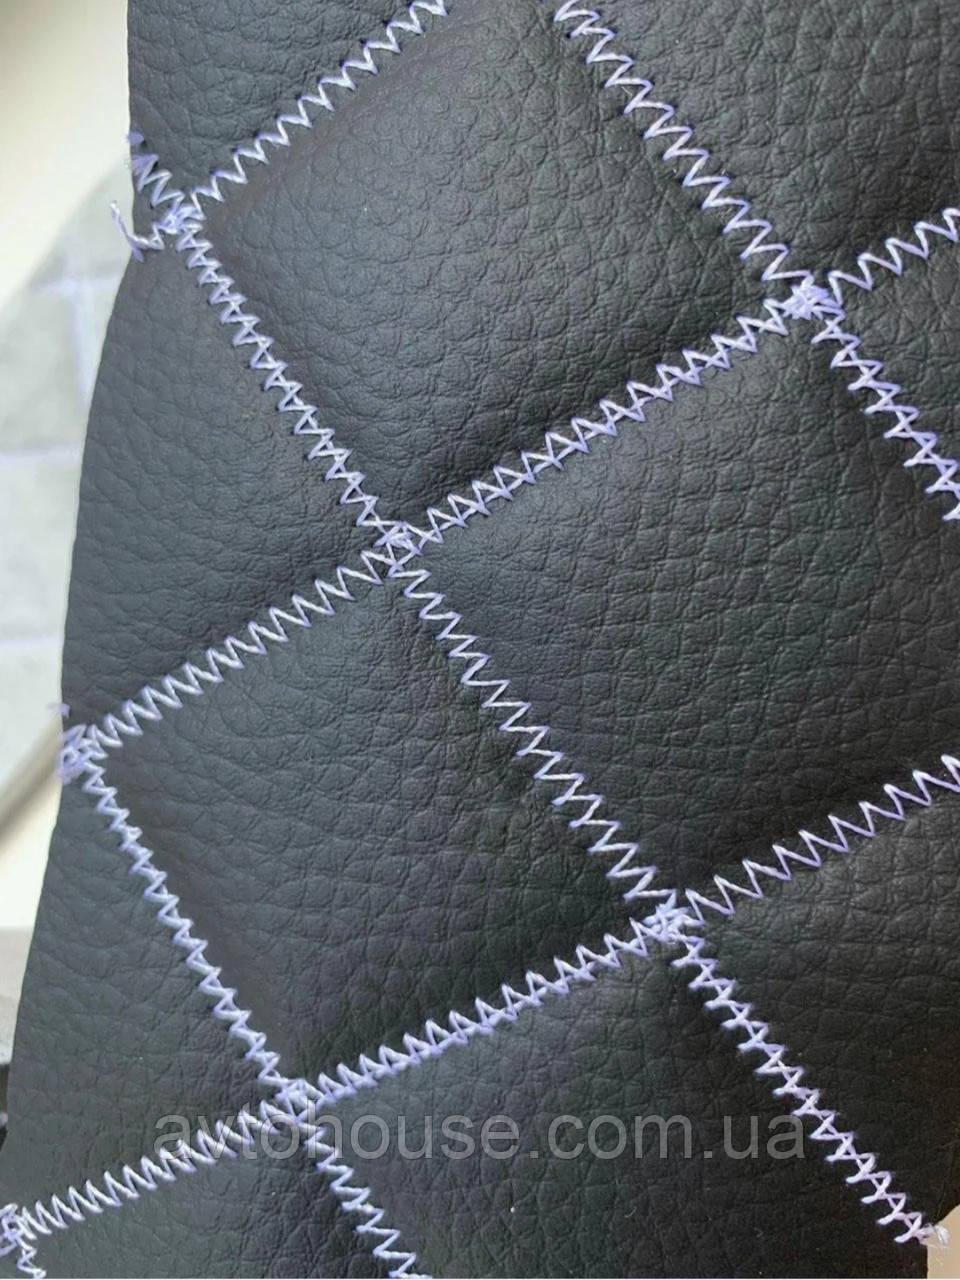 Прошитый кожзам для автомобилей дублированный поролоном и синтепоном. «Ромб».Турецкого производства